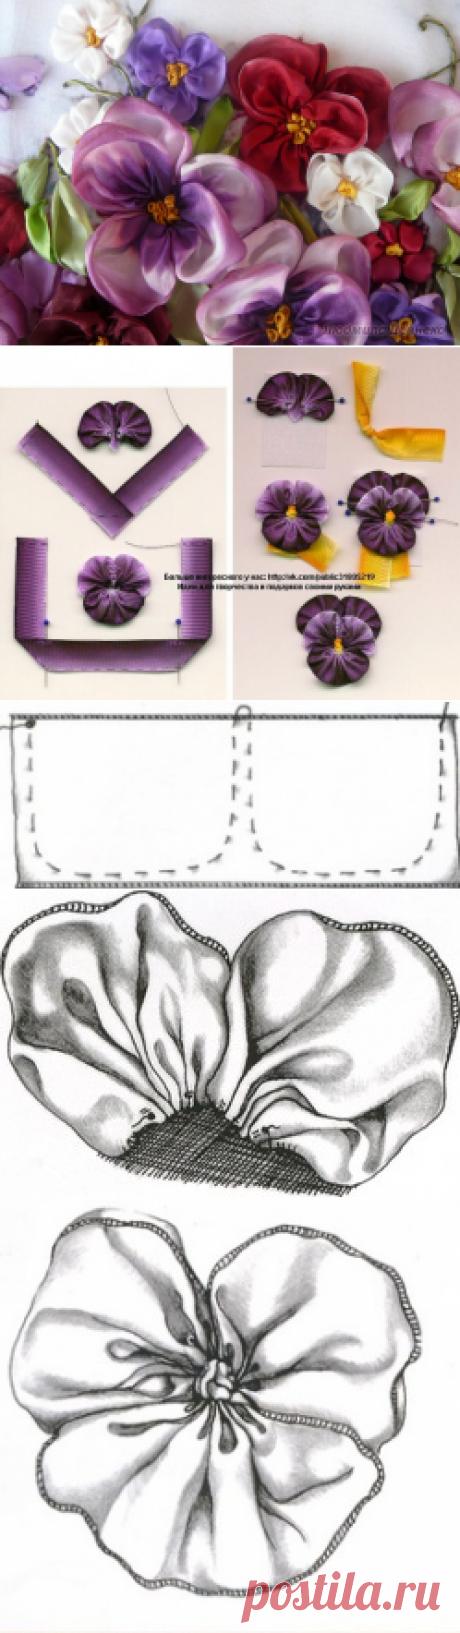 Вышивка лентами-фиалки и анютины глазки.